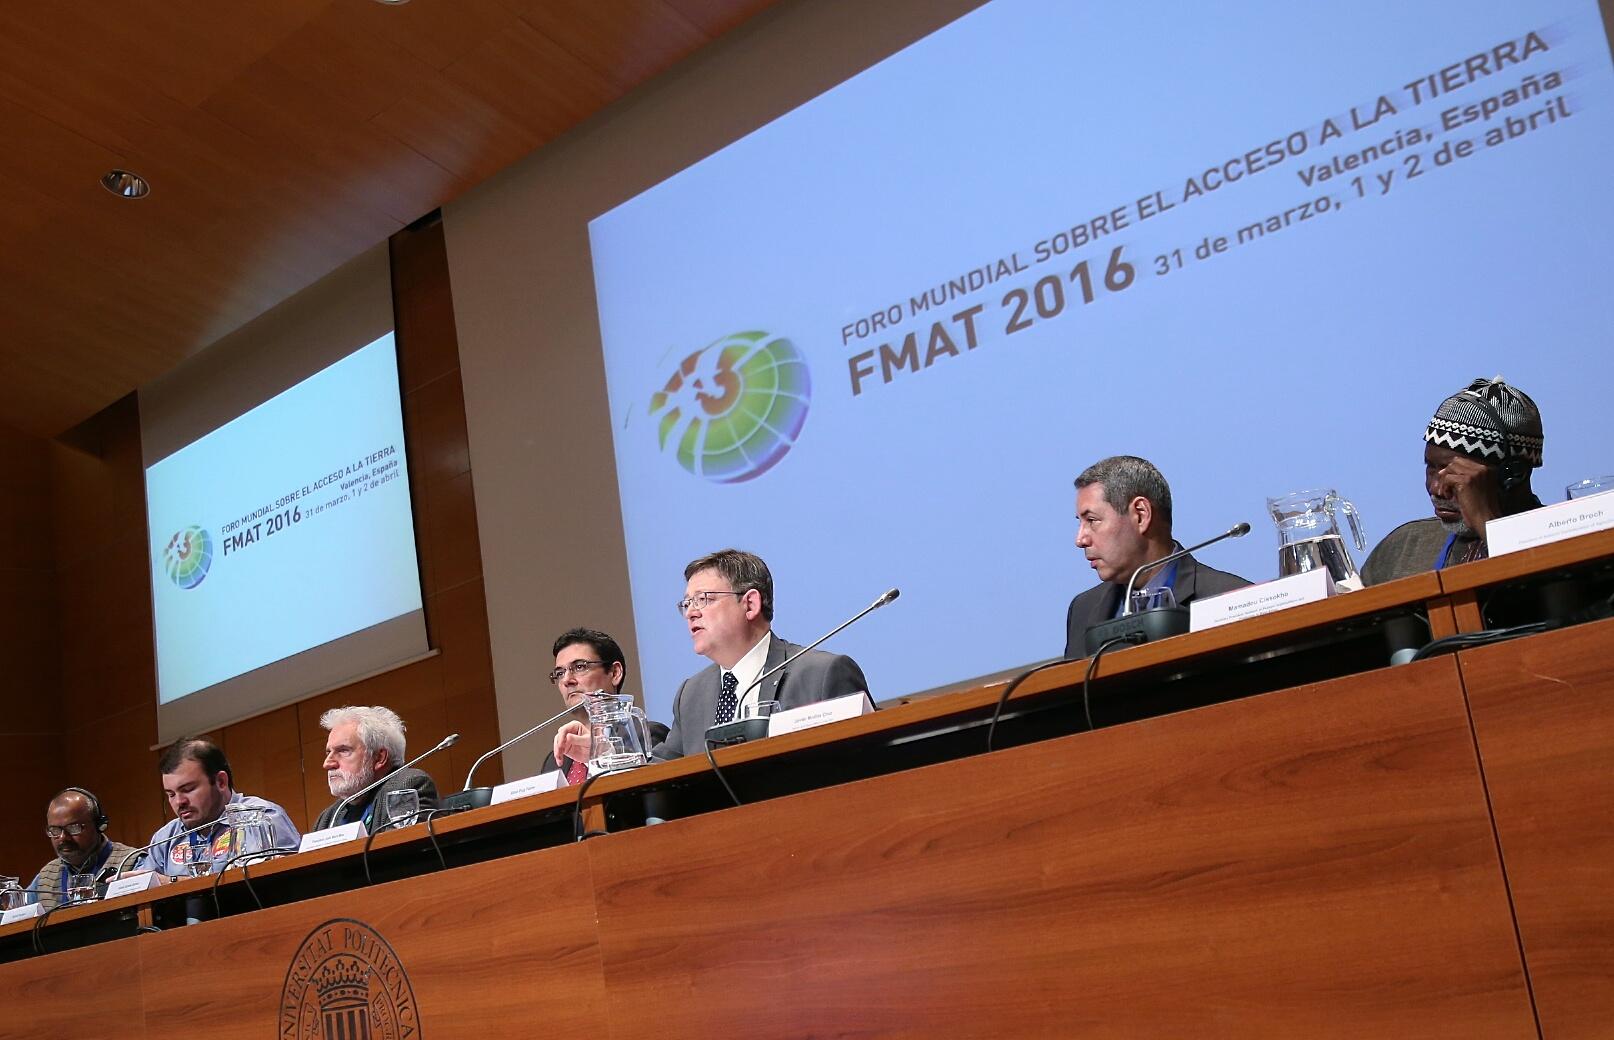 Puig: 'Promover el acceso universal a la alimentación y al desarrollo sostenible es una urgencia moral'